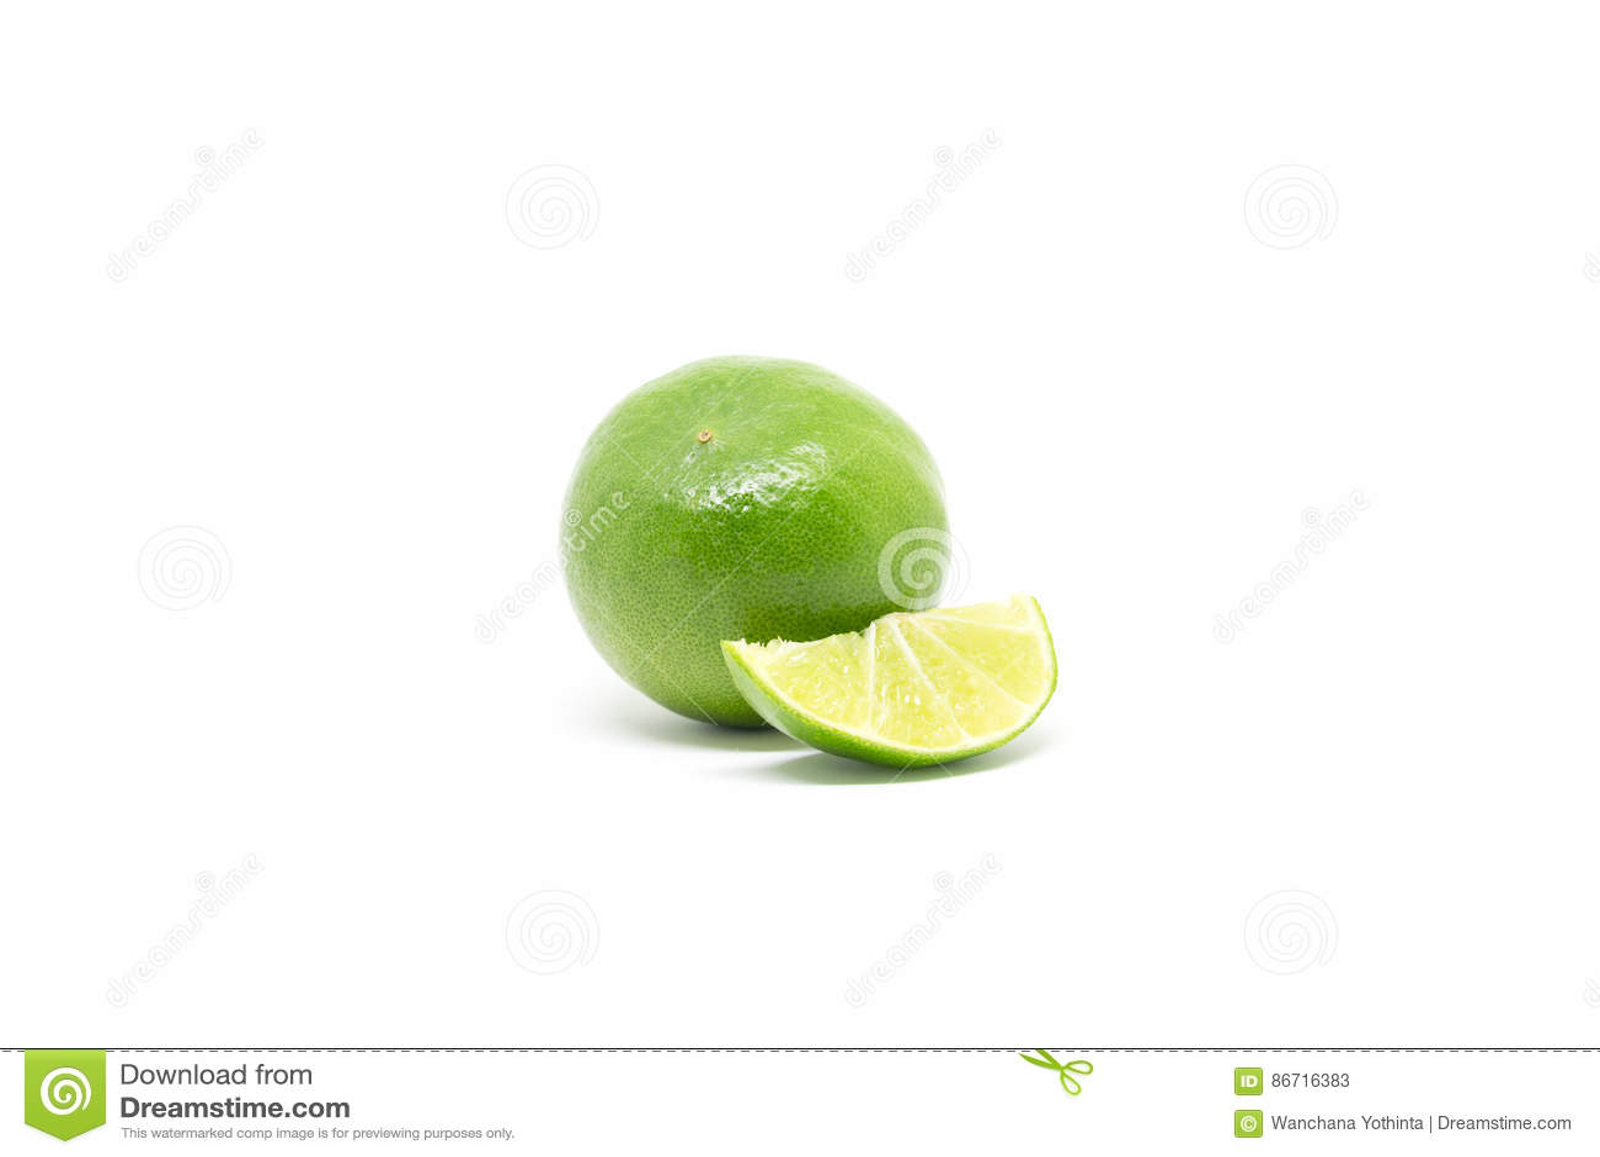 Citron grön citronlimefrukt